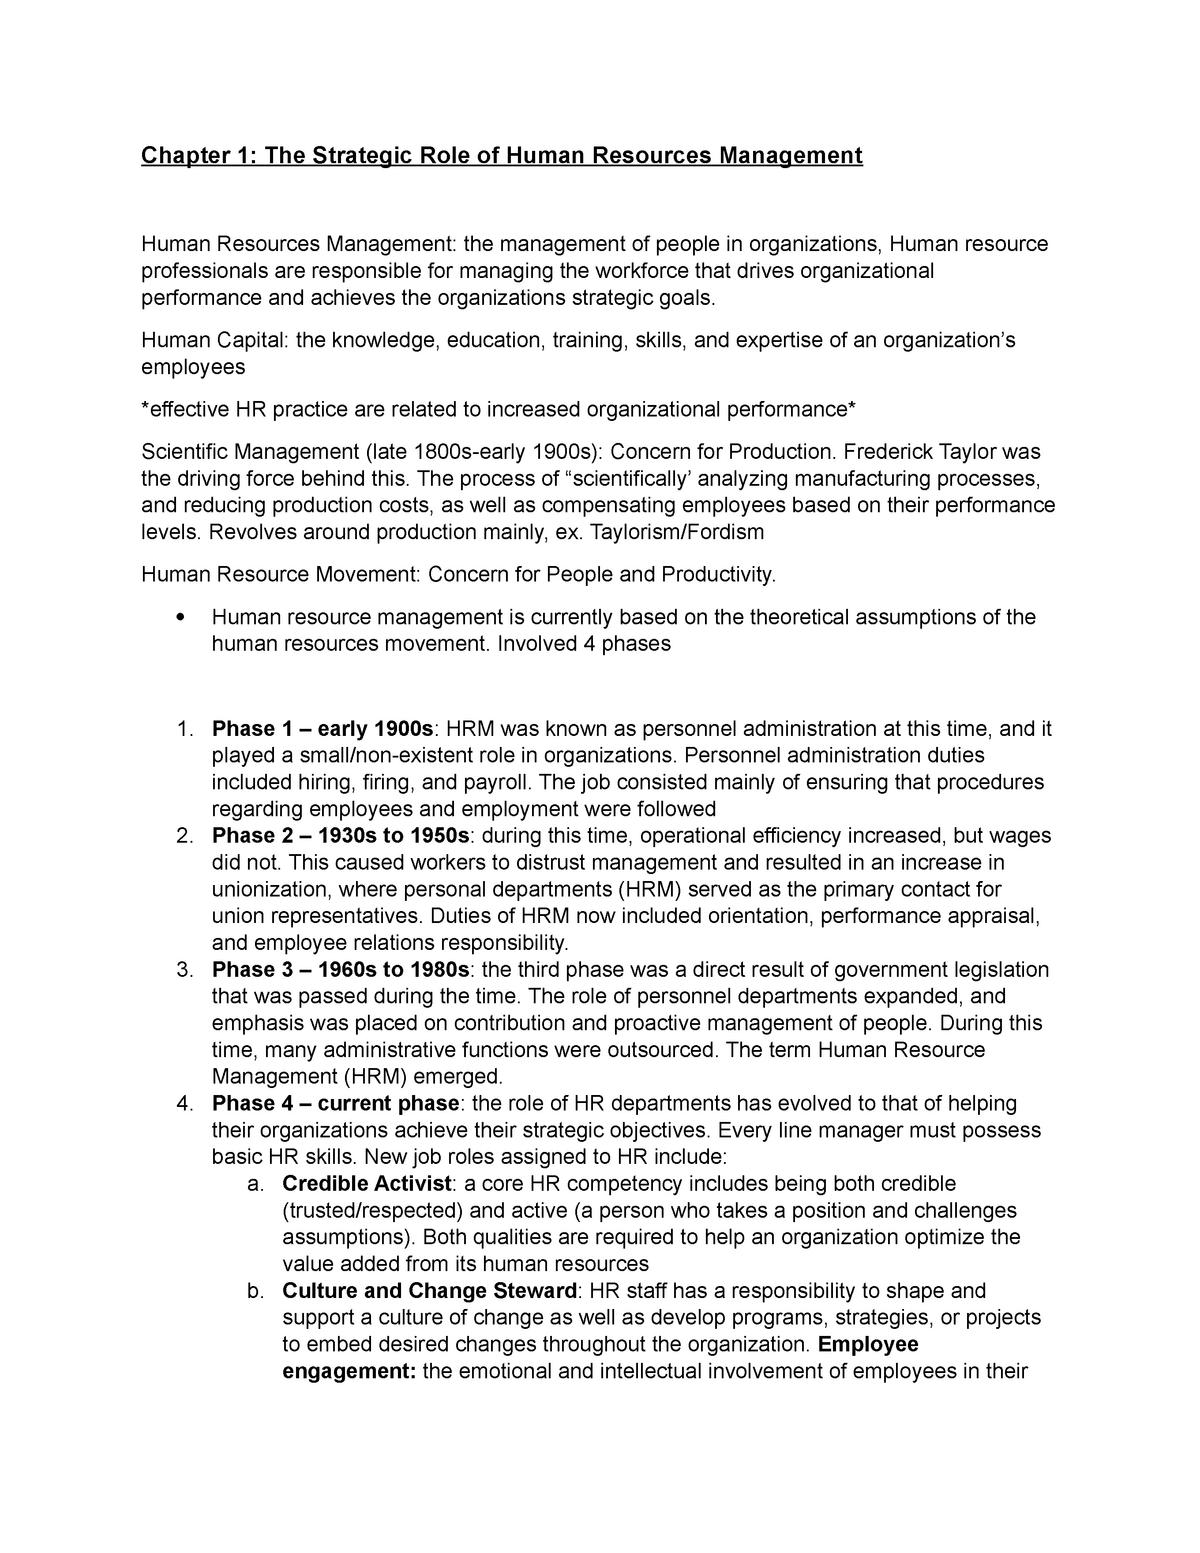 HR Midterm Review - BUS 2440 Human Resource Management - StuDocu